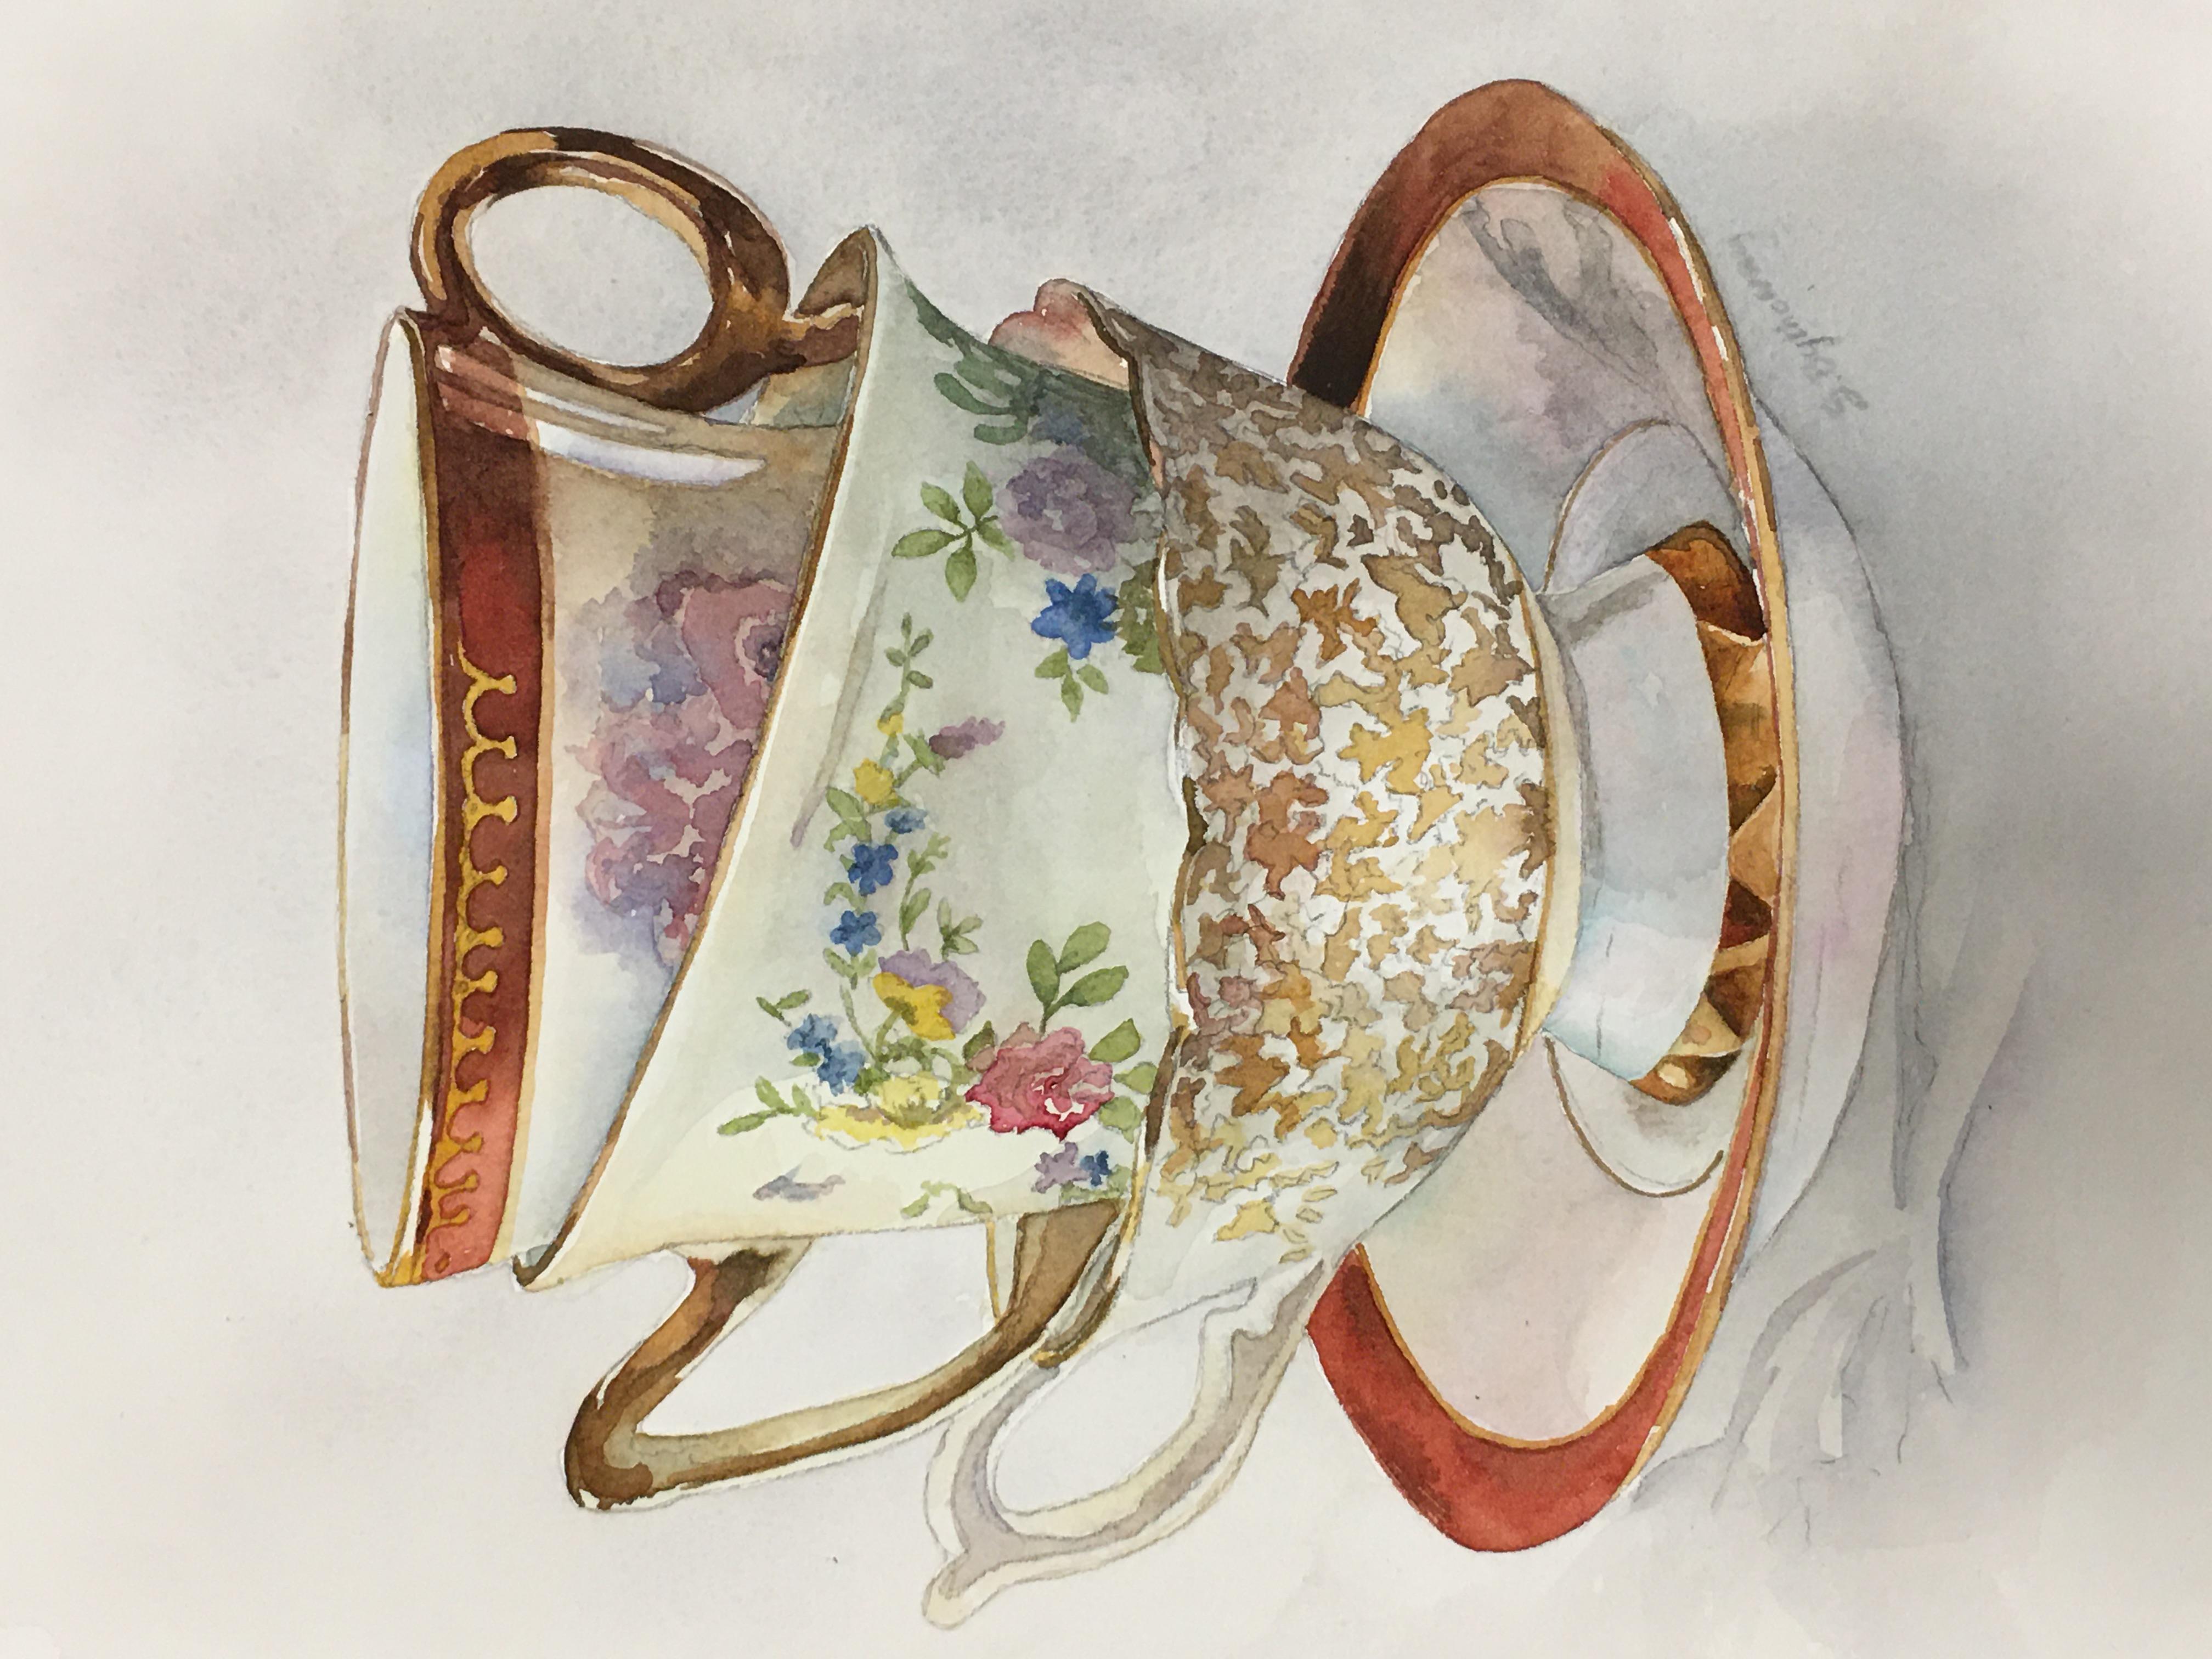 Nested Teacups